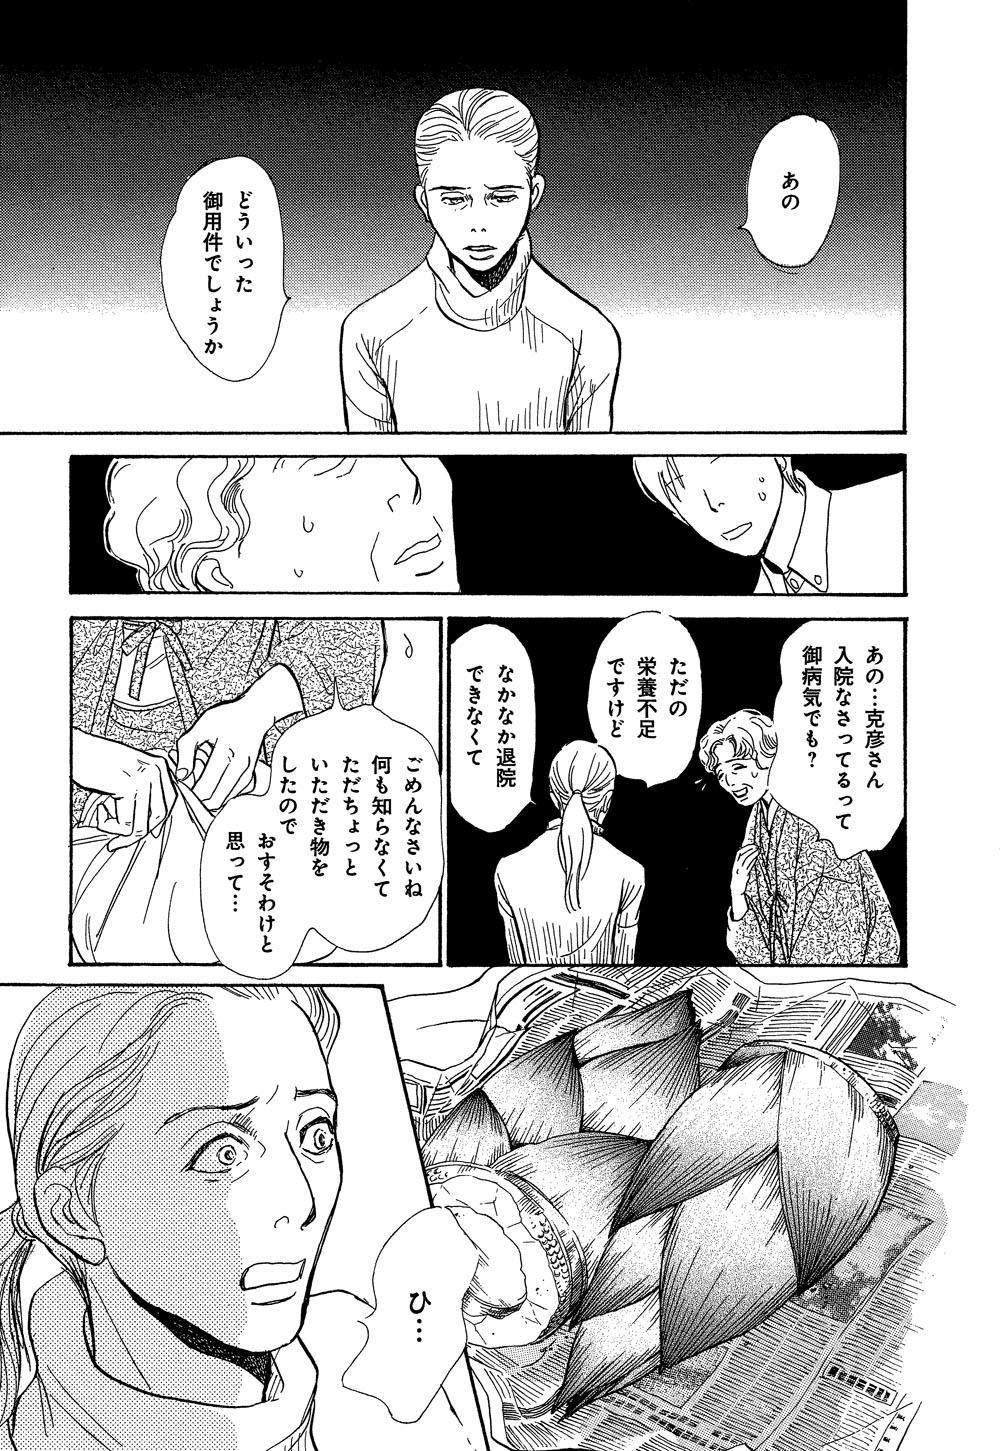 hyakki_0021_0027.jpg